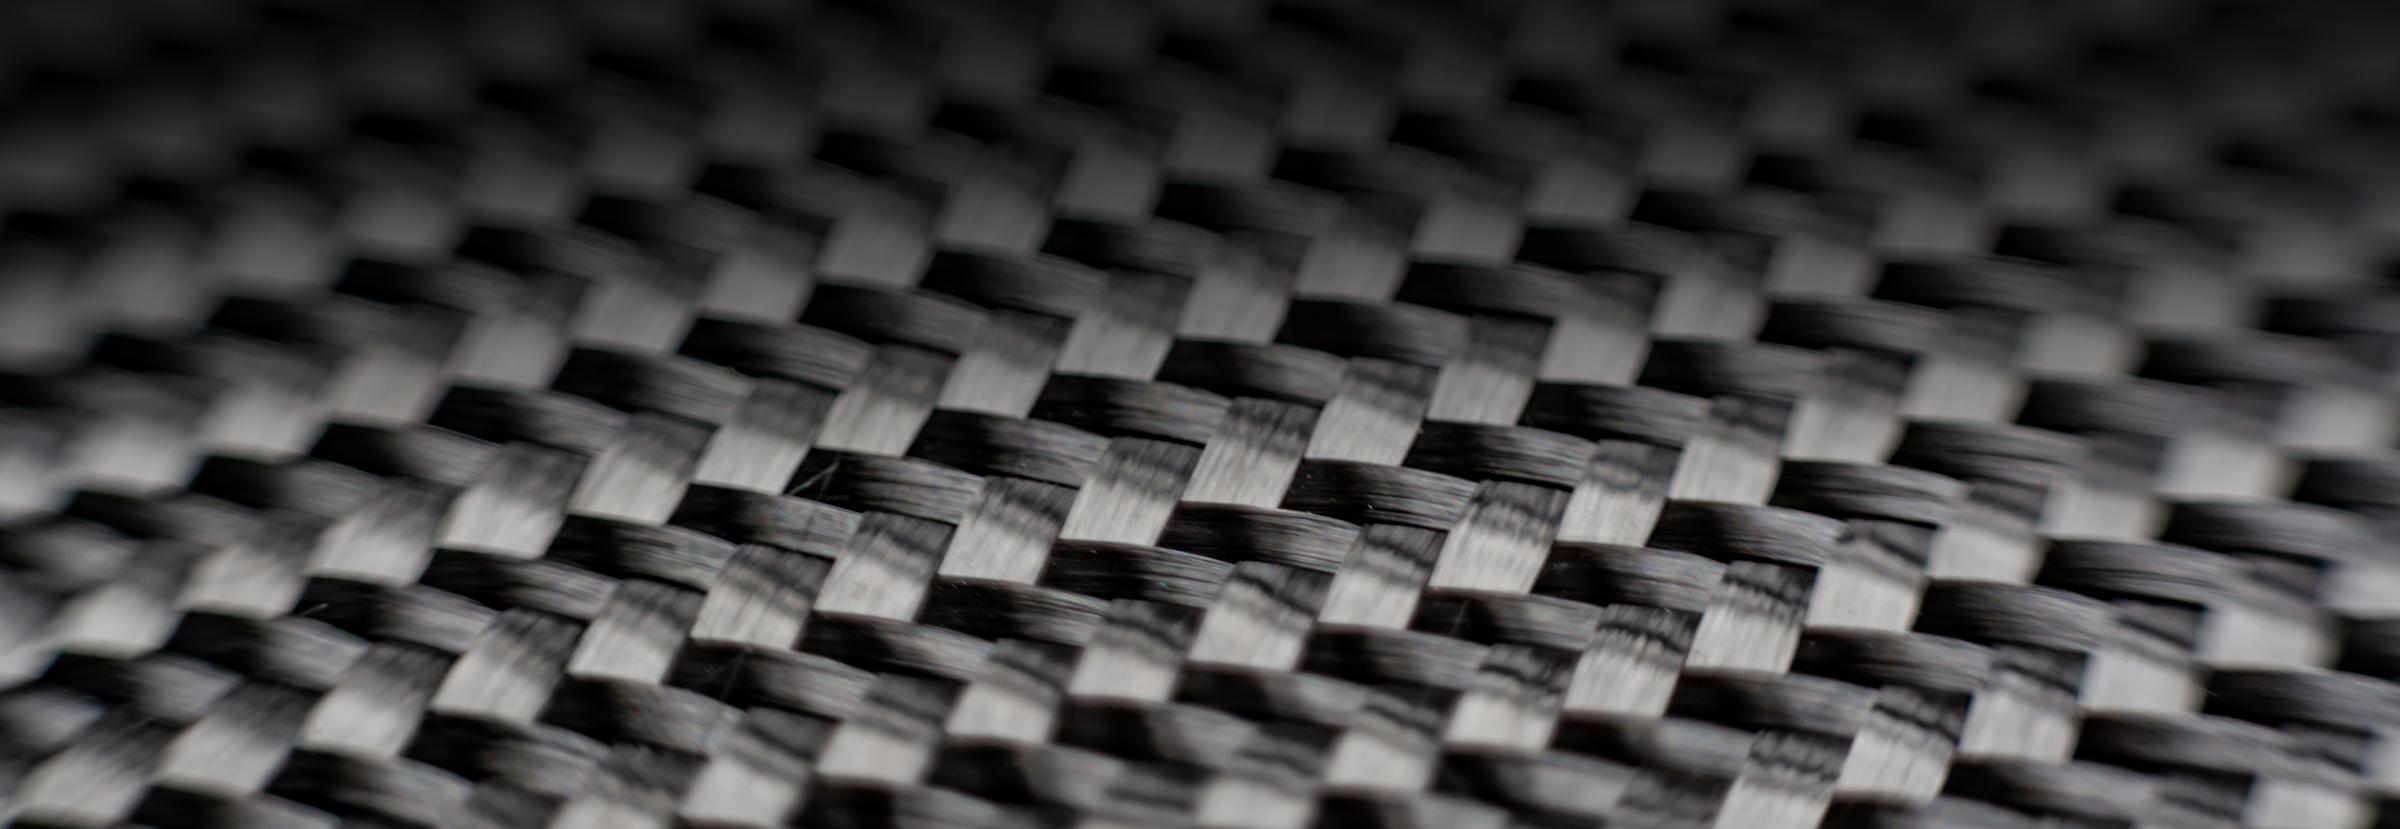 machining composites